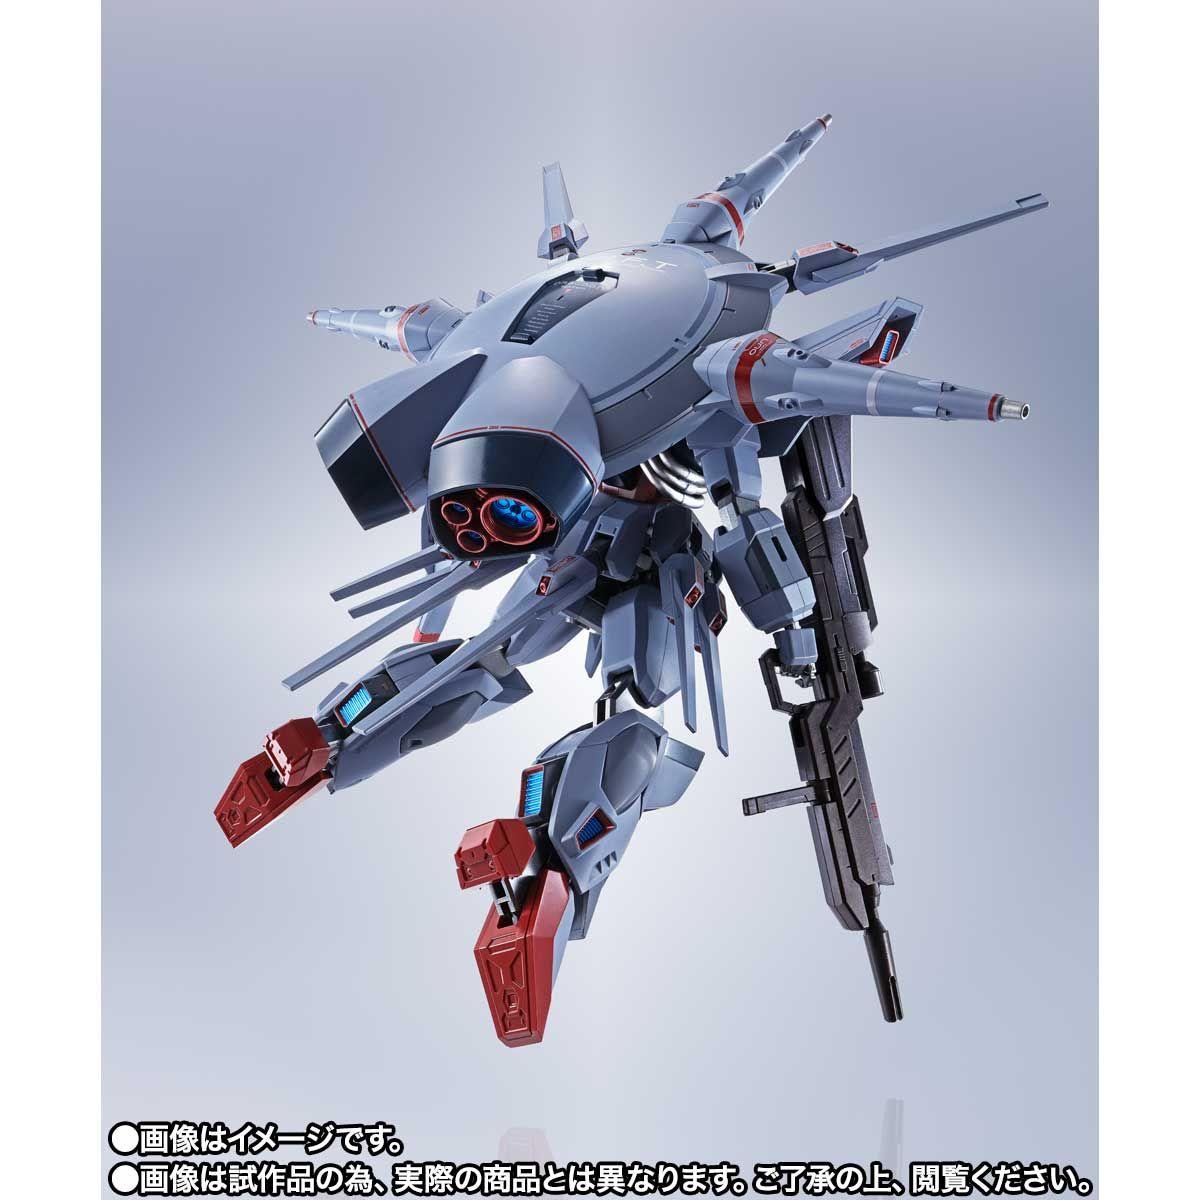 【限定販売】METAL ROBOT魂〈SIDE MS〉『プロヴィデンスガンダム』ガンダムSEED 可動フィギュア-004